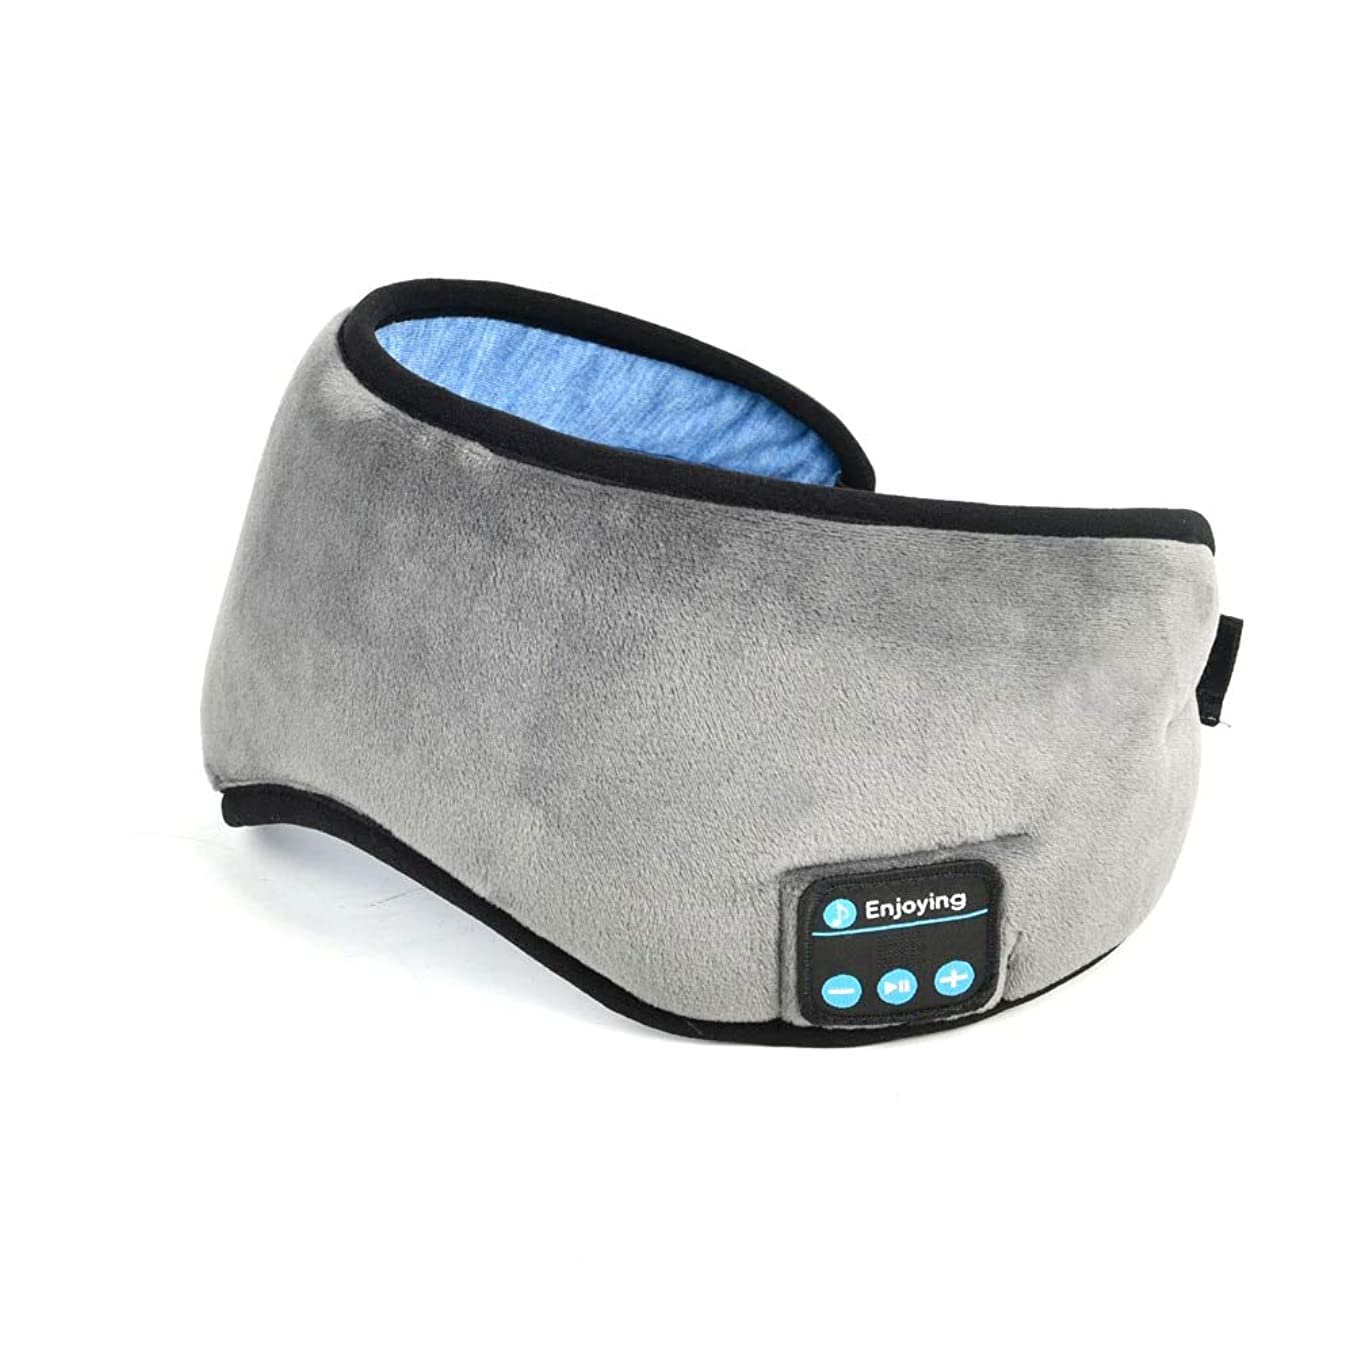 小さいマニアック階層ノート2019ワイヤレスステレオBluetoothイヤホンスリープマスク電話ヘッドバンドスリープソフトイヤホン睡眠アイマスクミュージックヘッドセット